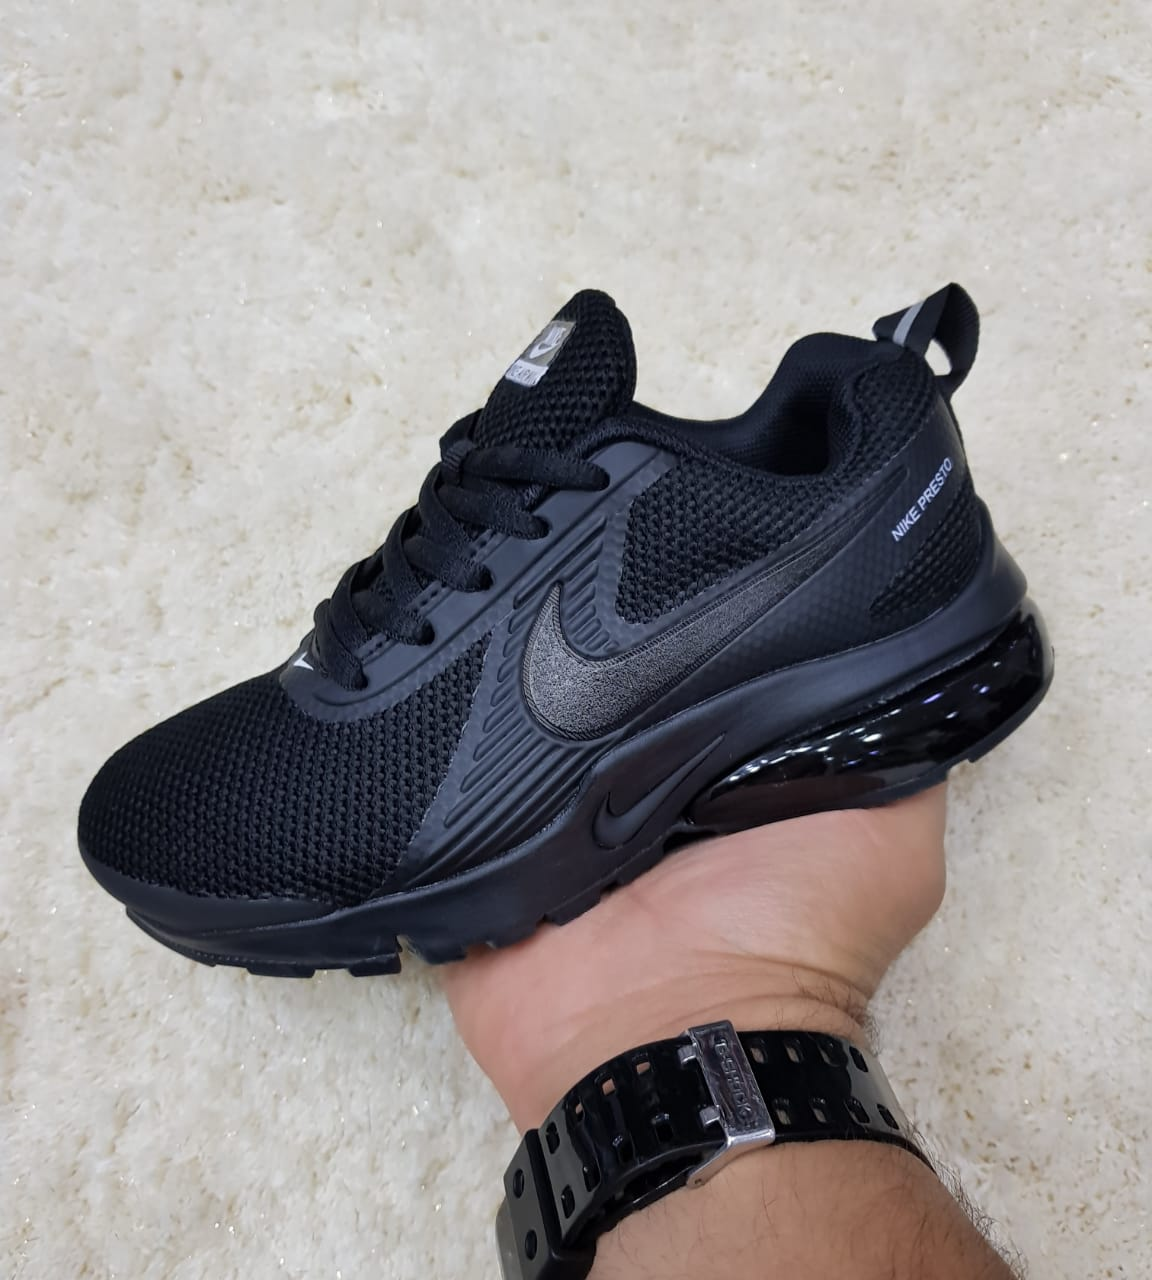 Vigilante Abreviar Desconexión  zapatillas nike para niños precios baratas online